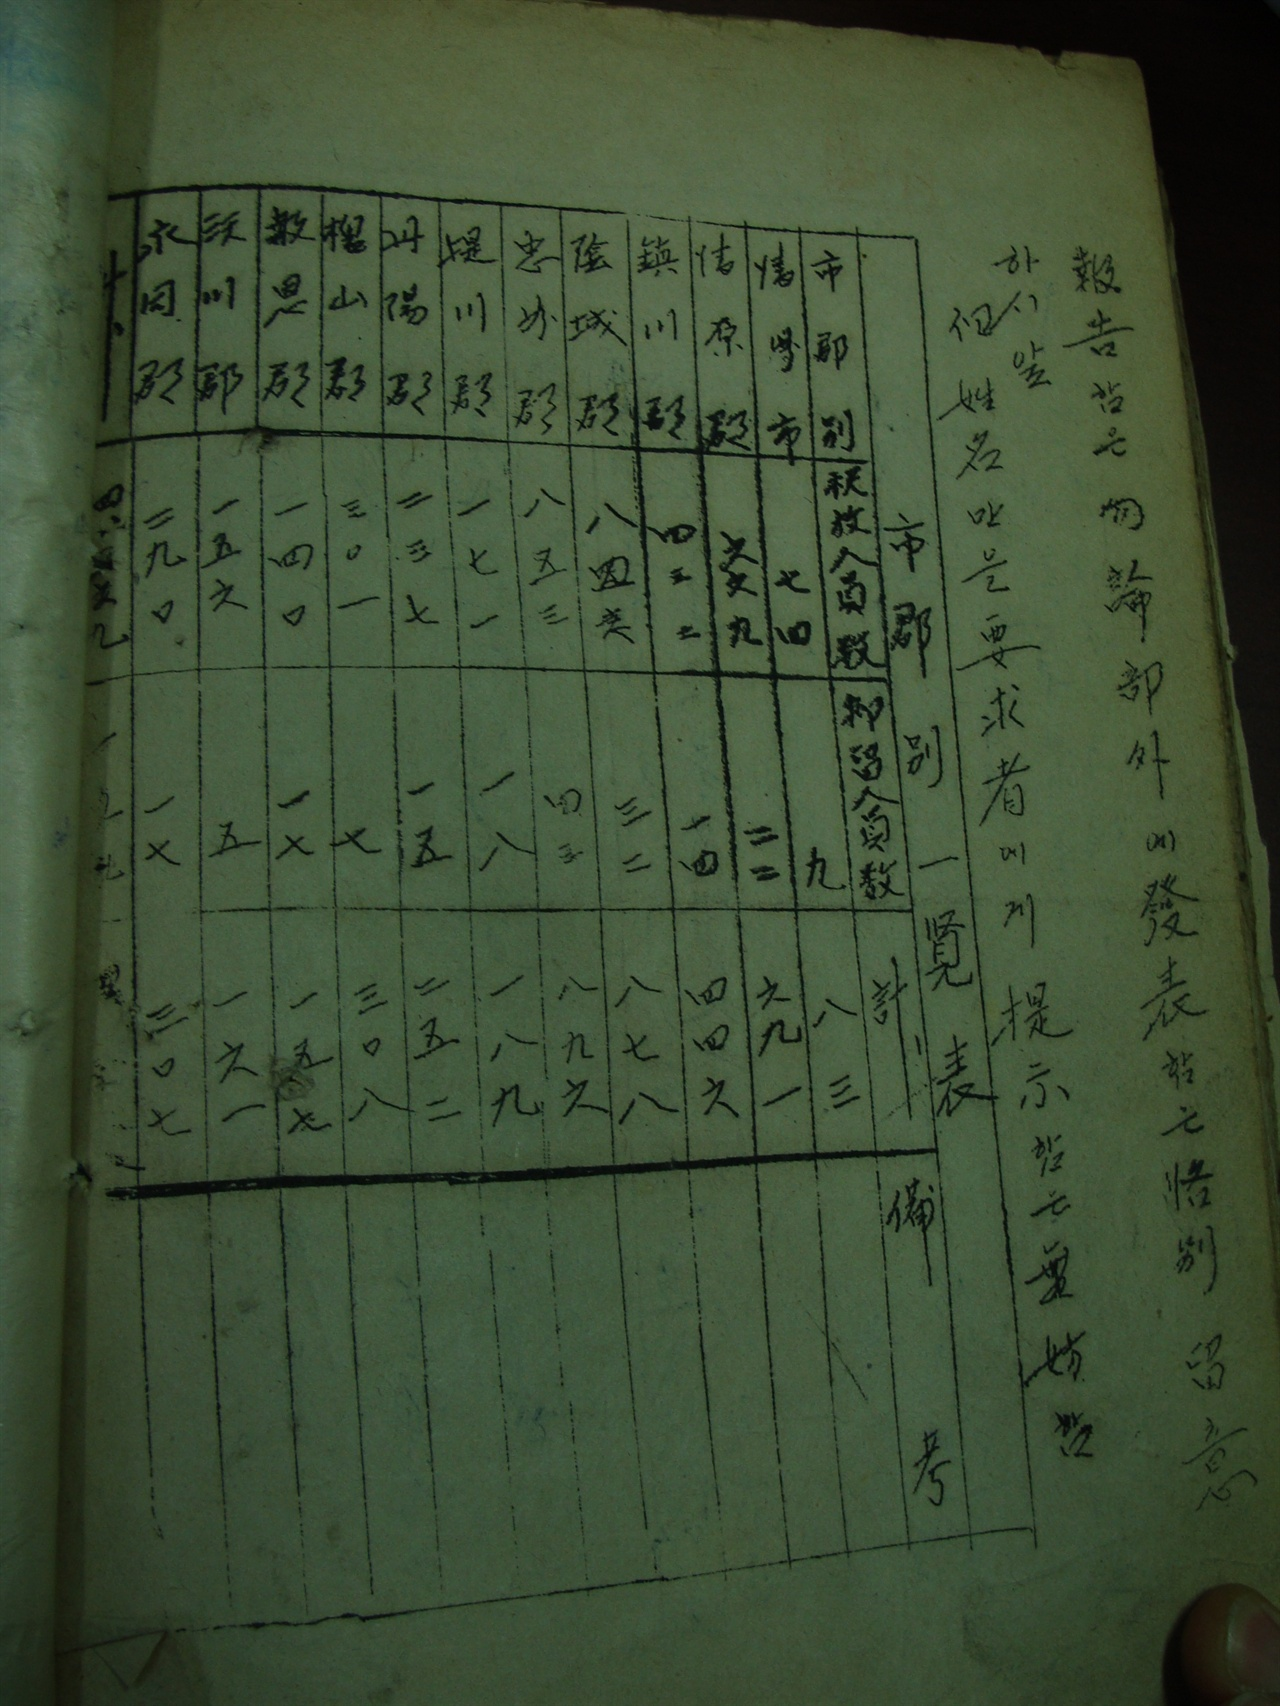 충청북도 시군별 일람표 충북 민간인 중 포로수용소 수감자 명부